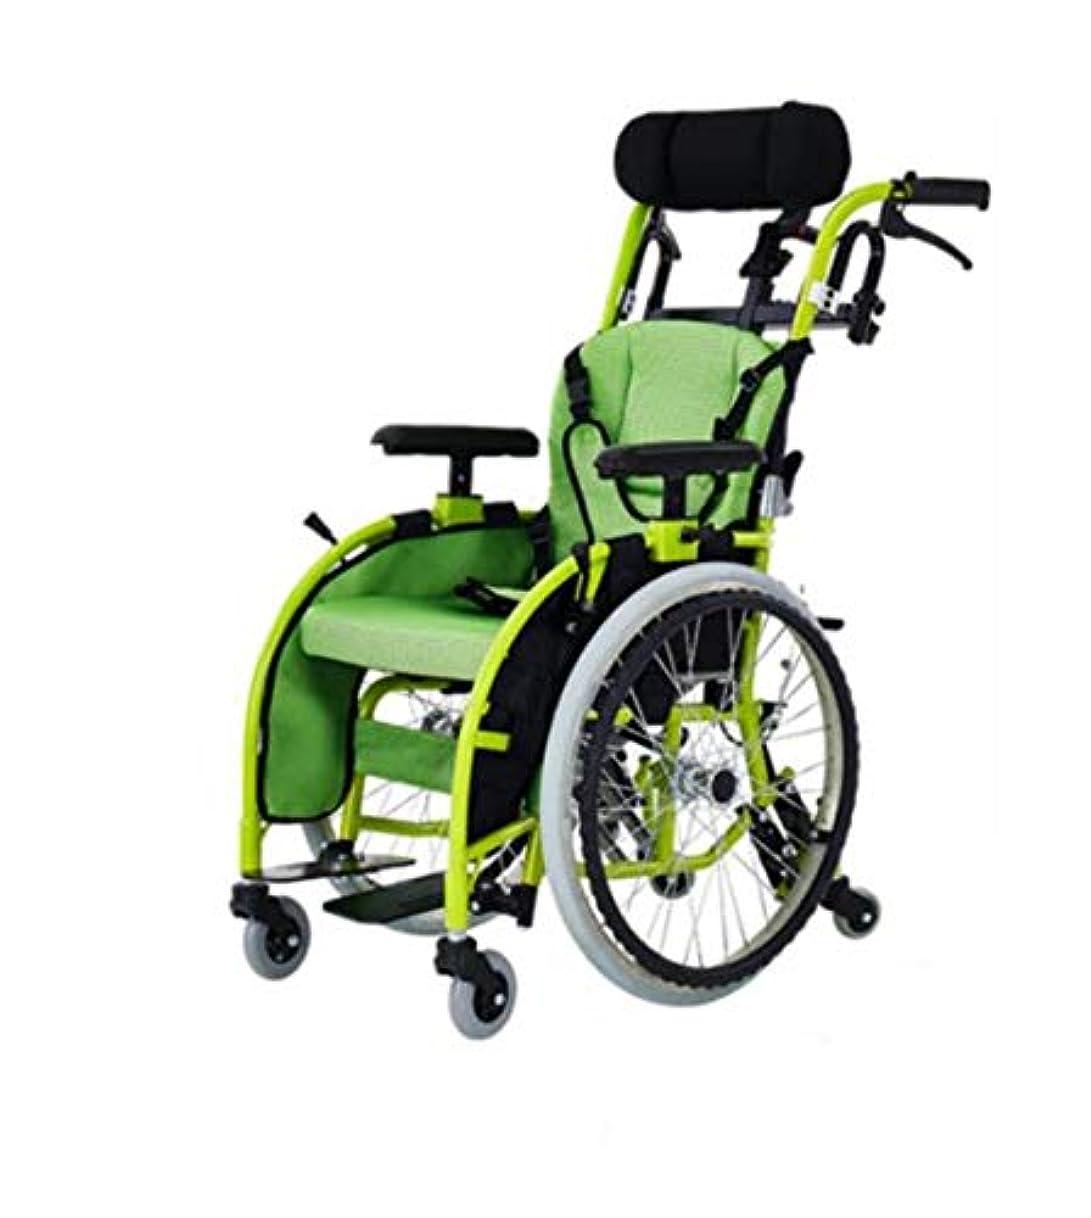 スクラップブック我慢するボトルネック子供用車椅子折りたたみライト小さなポータブルハンディキャップトロリー子供アルミ合金手動車椅子